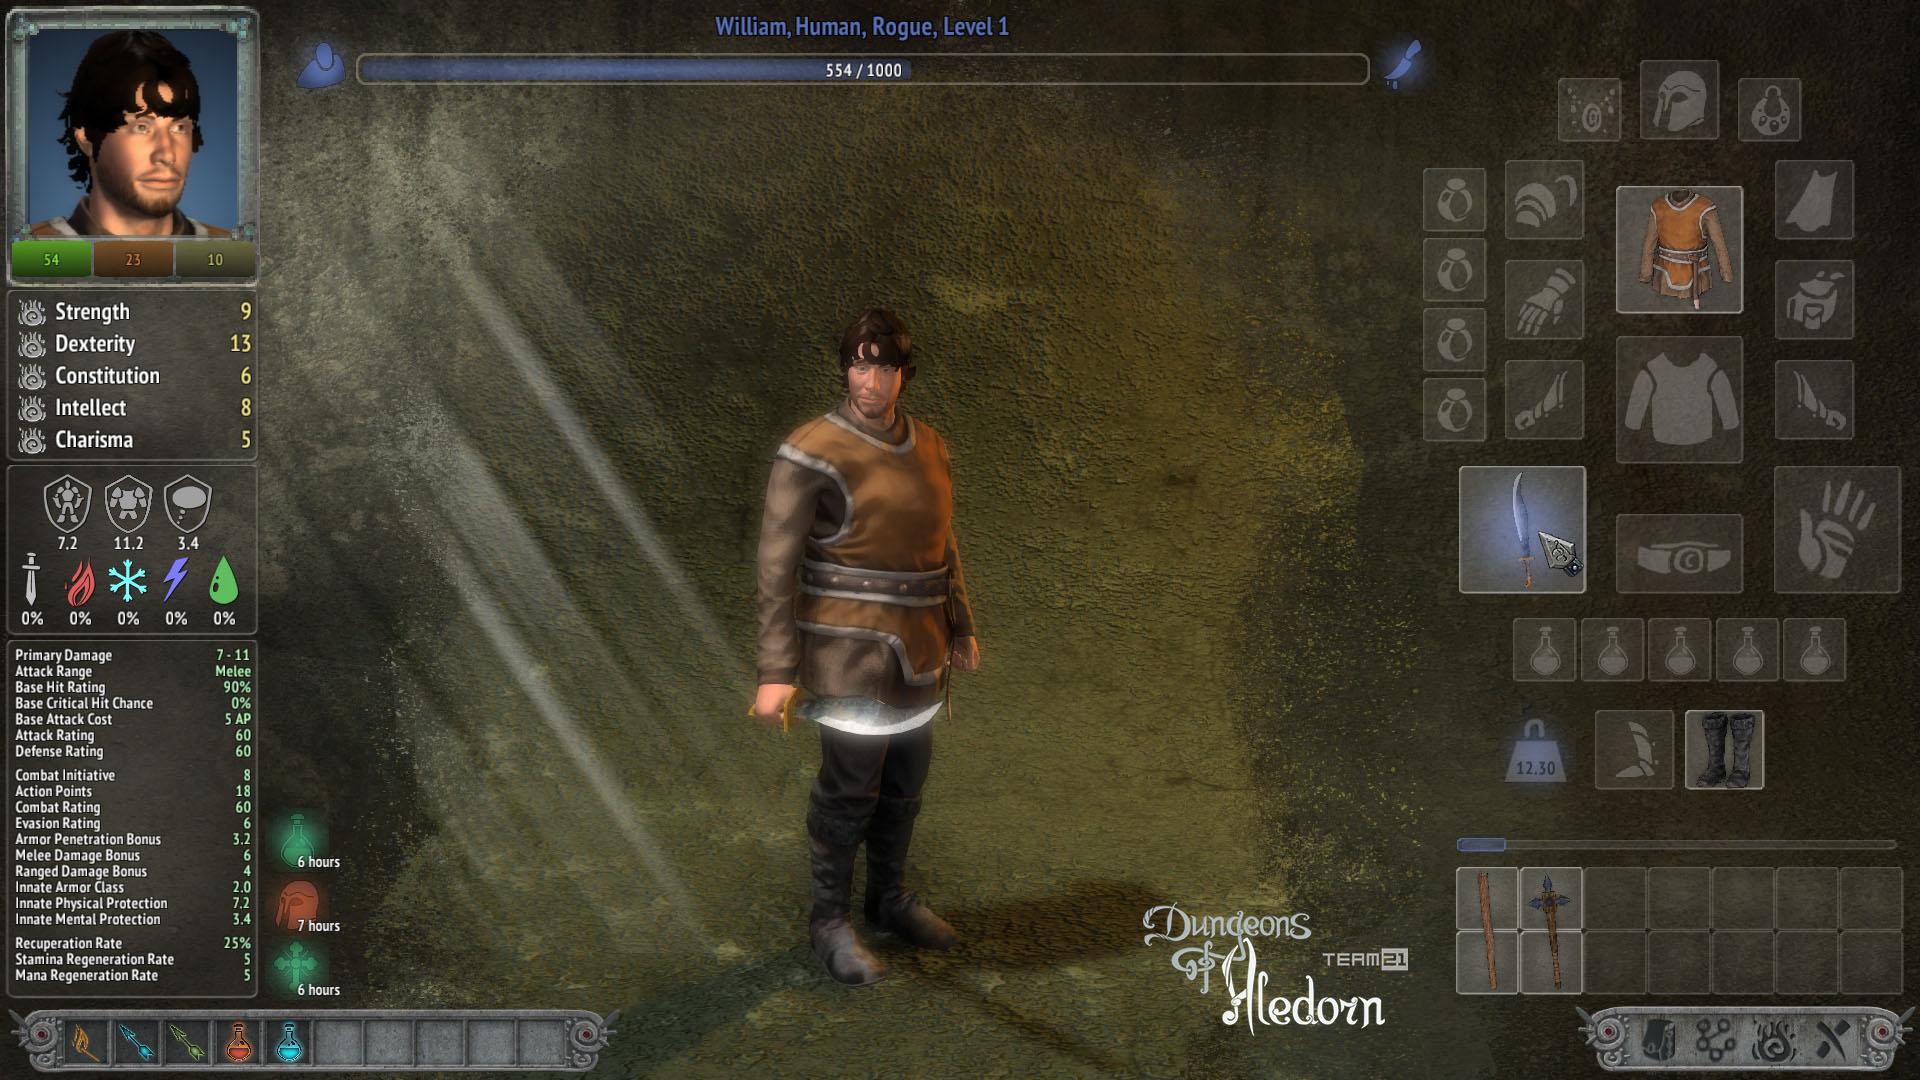 České hardcore RPG Dungeons of Aledorn započalo svou kampaň na Kickstarteru 107021